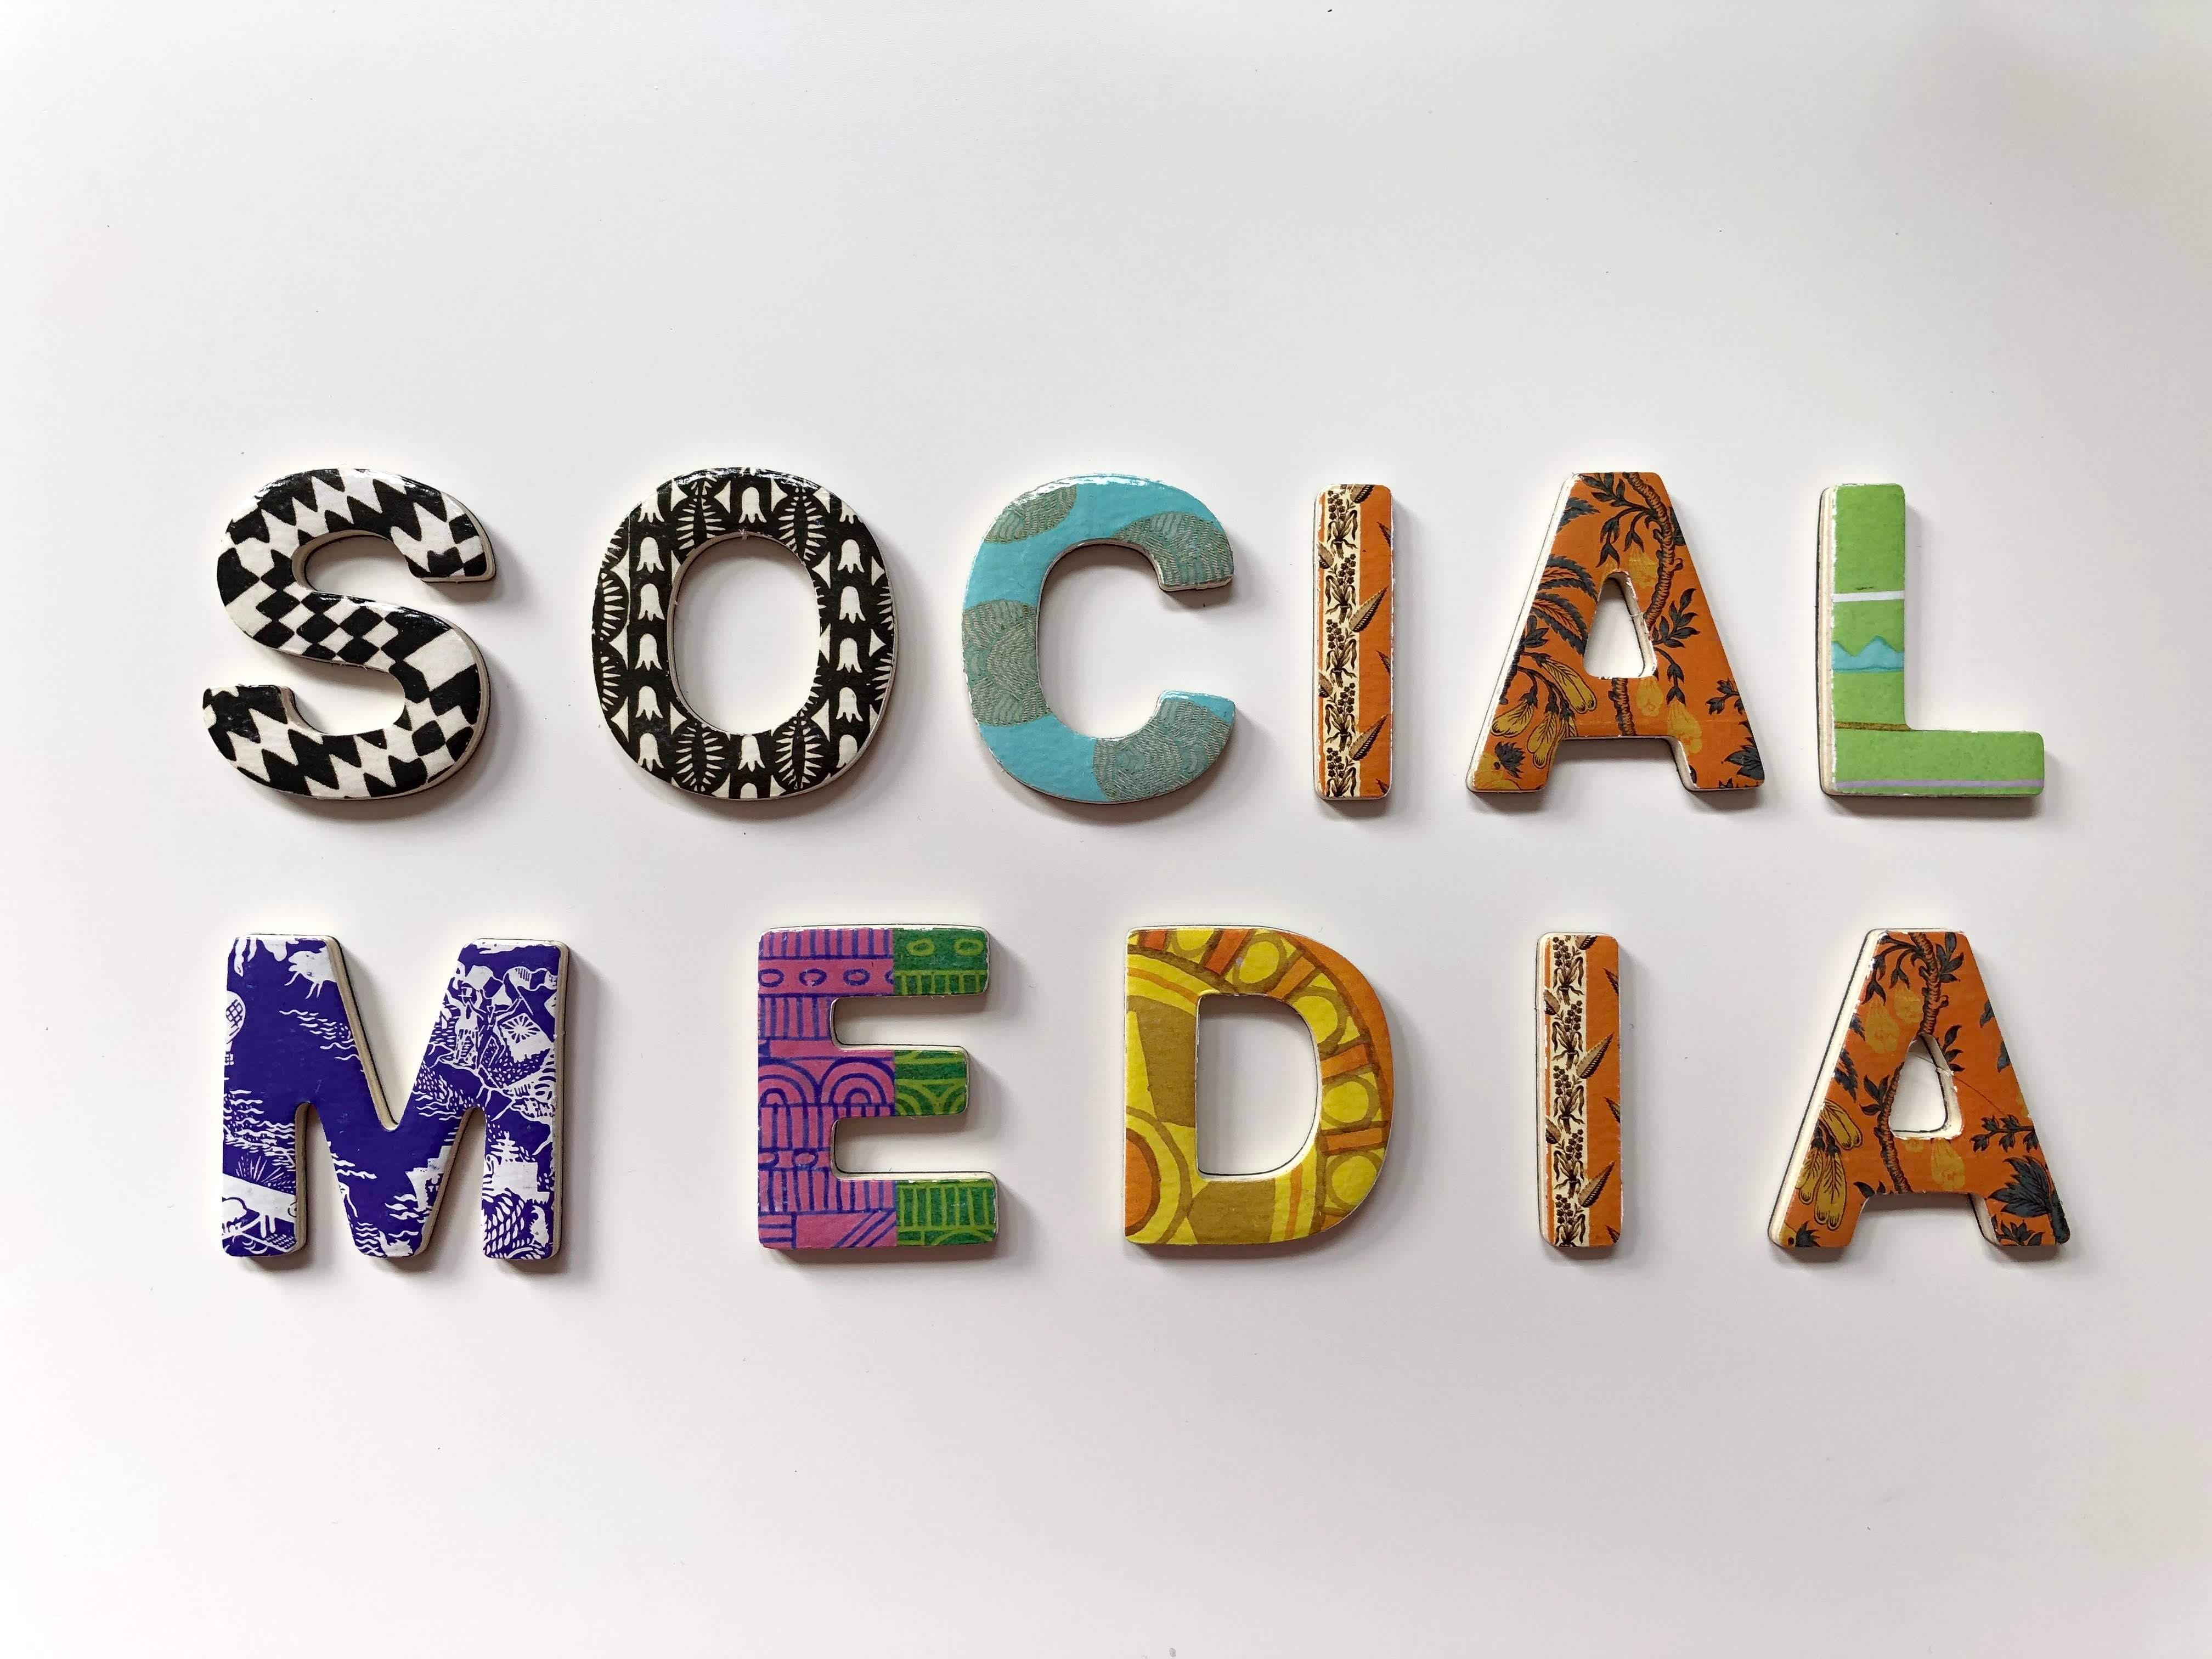 Kehorne social media